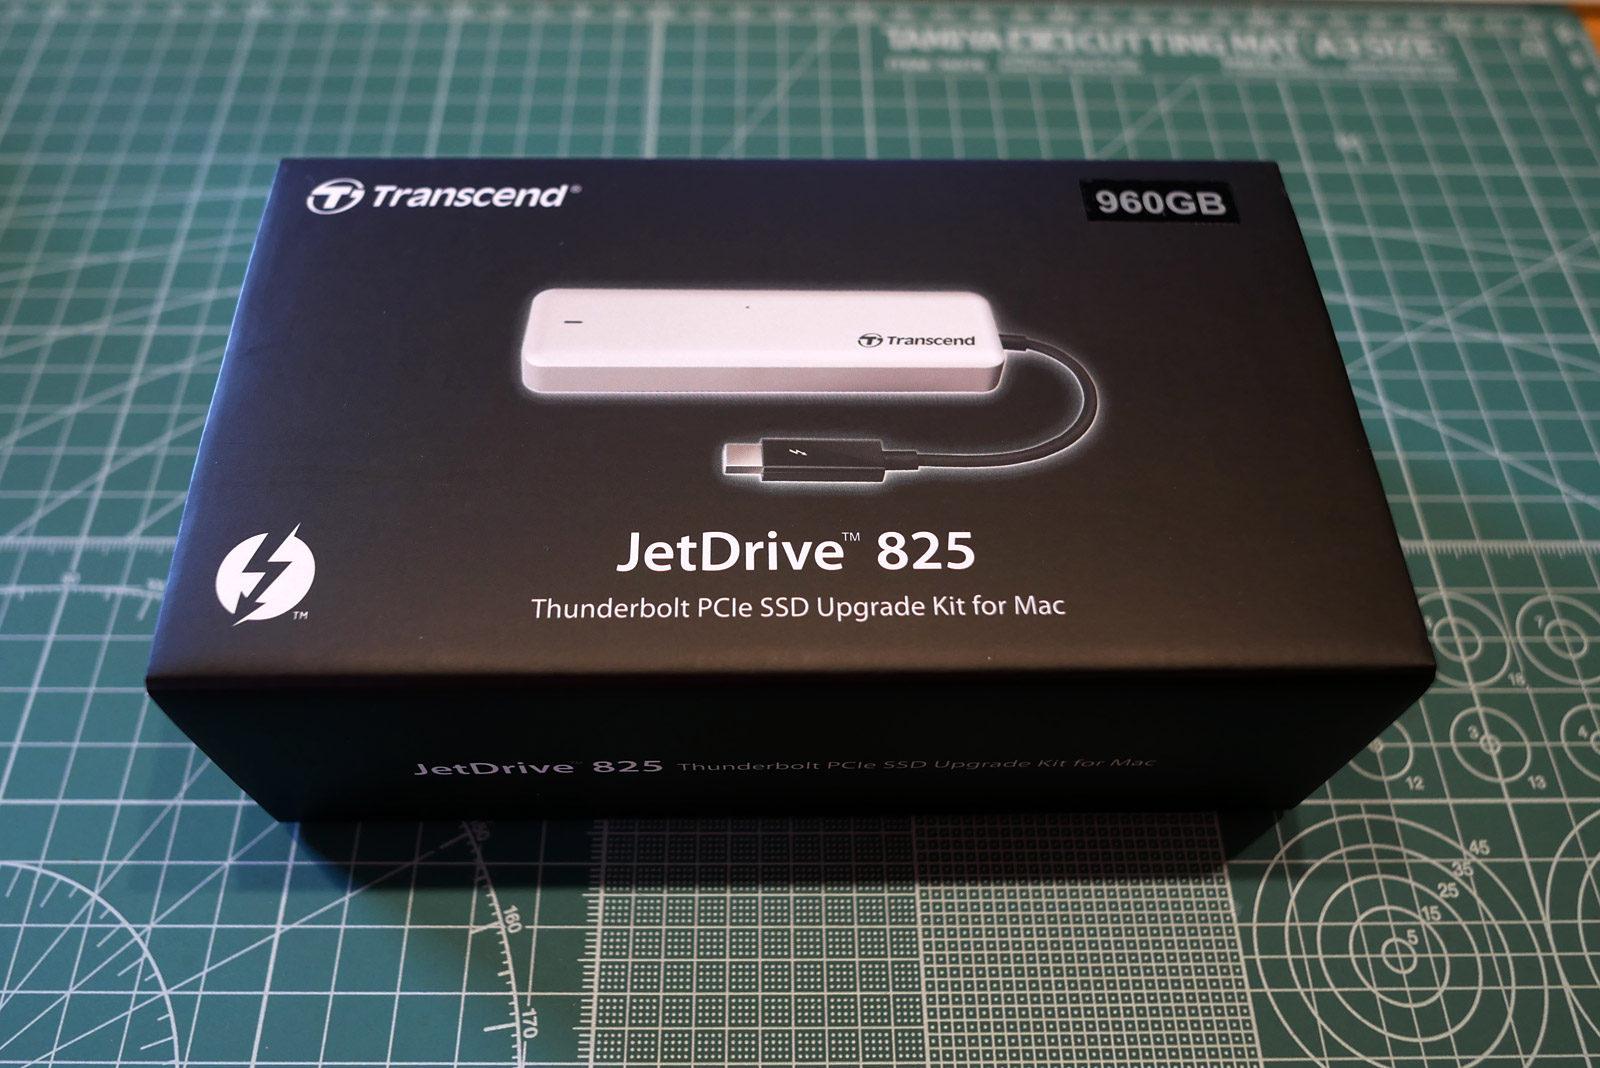 JetDrive 825